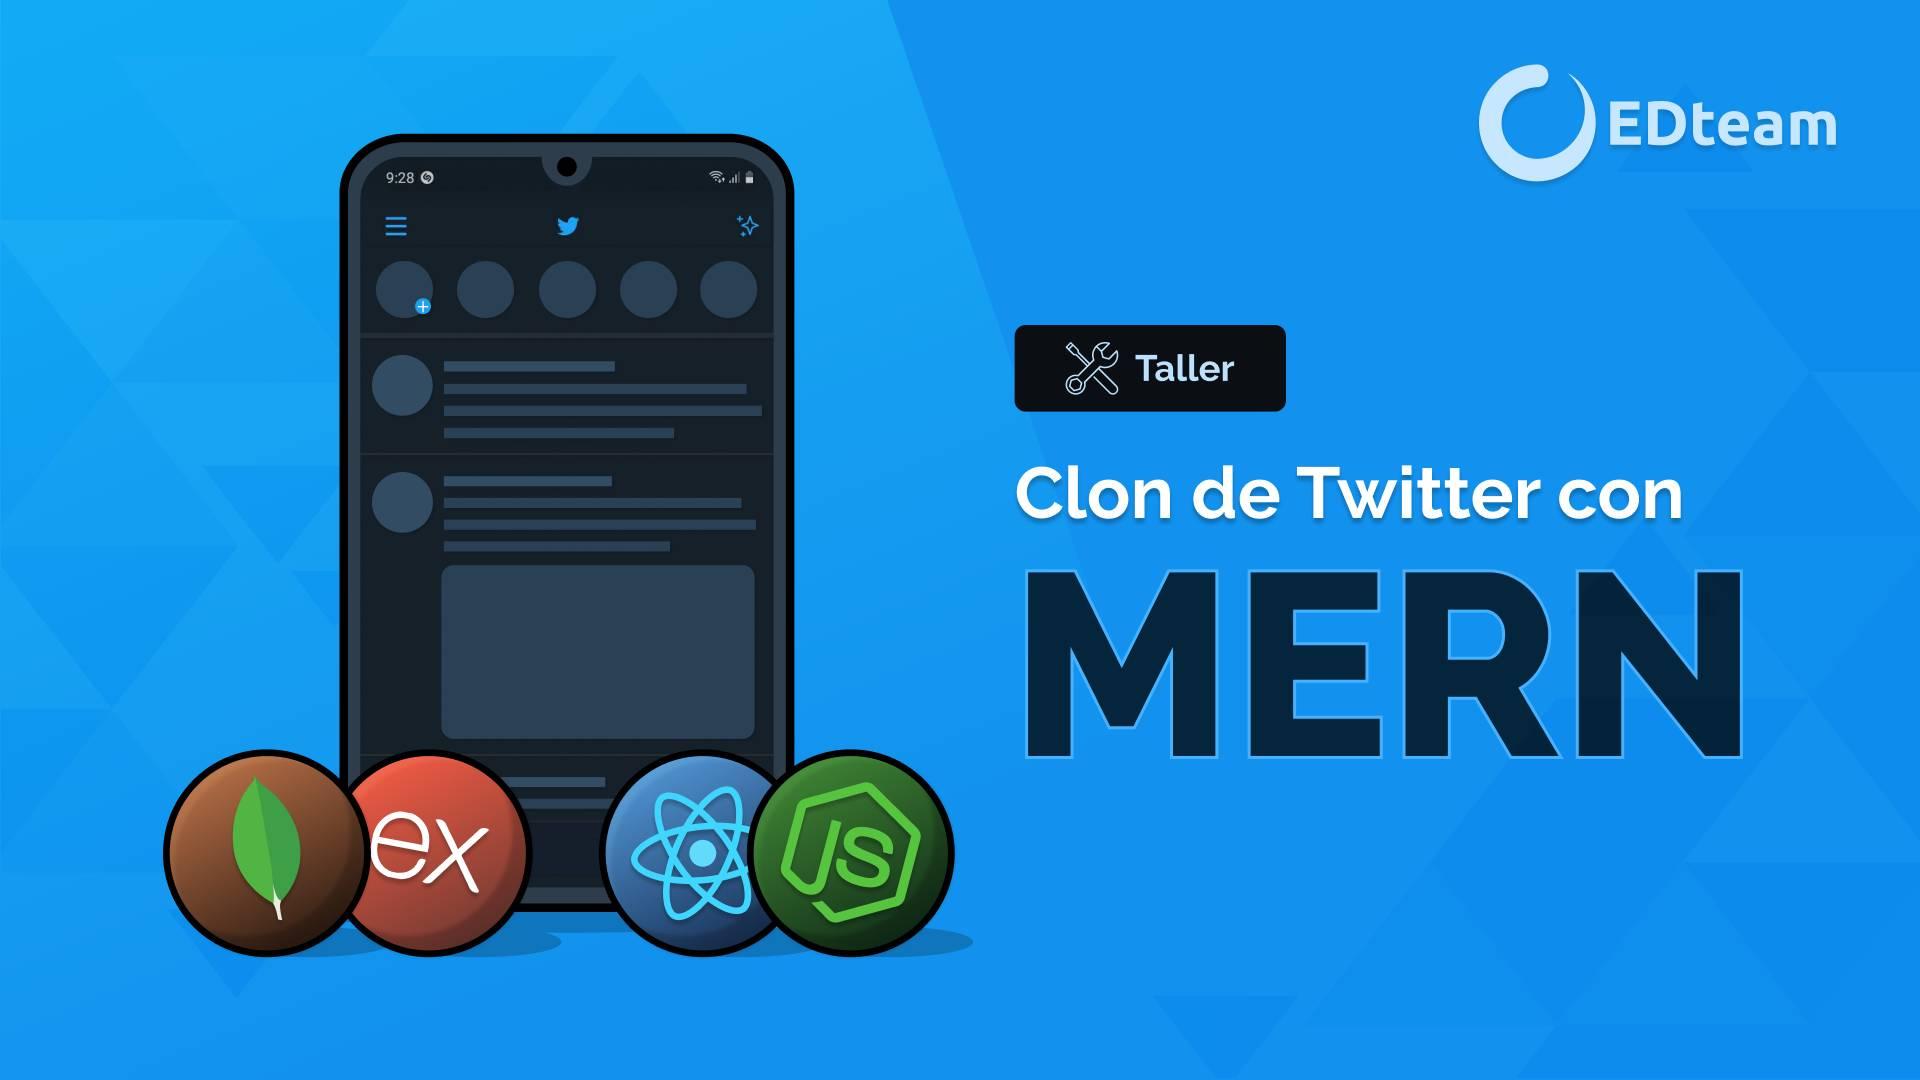 Clon de Twitter con MERN